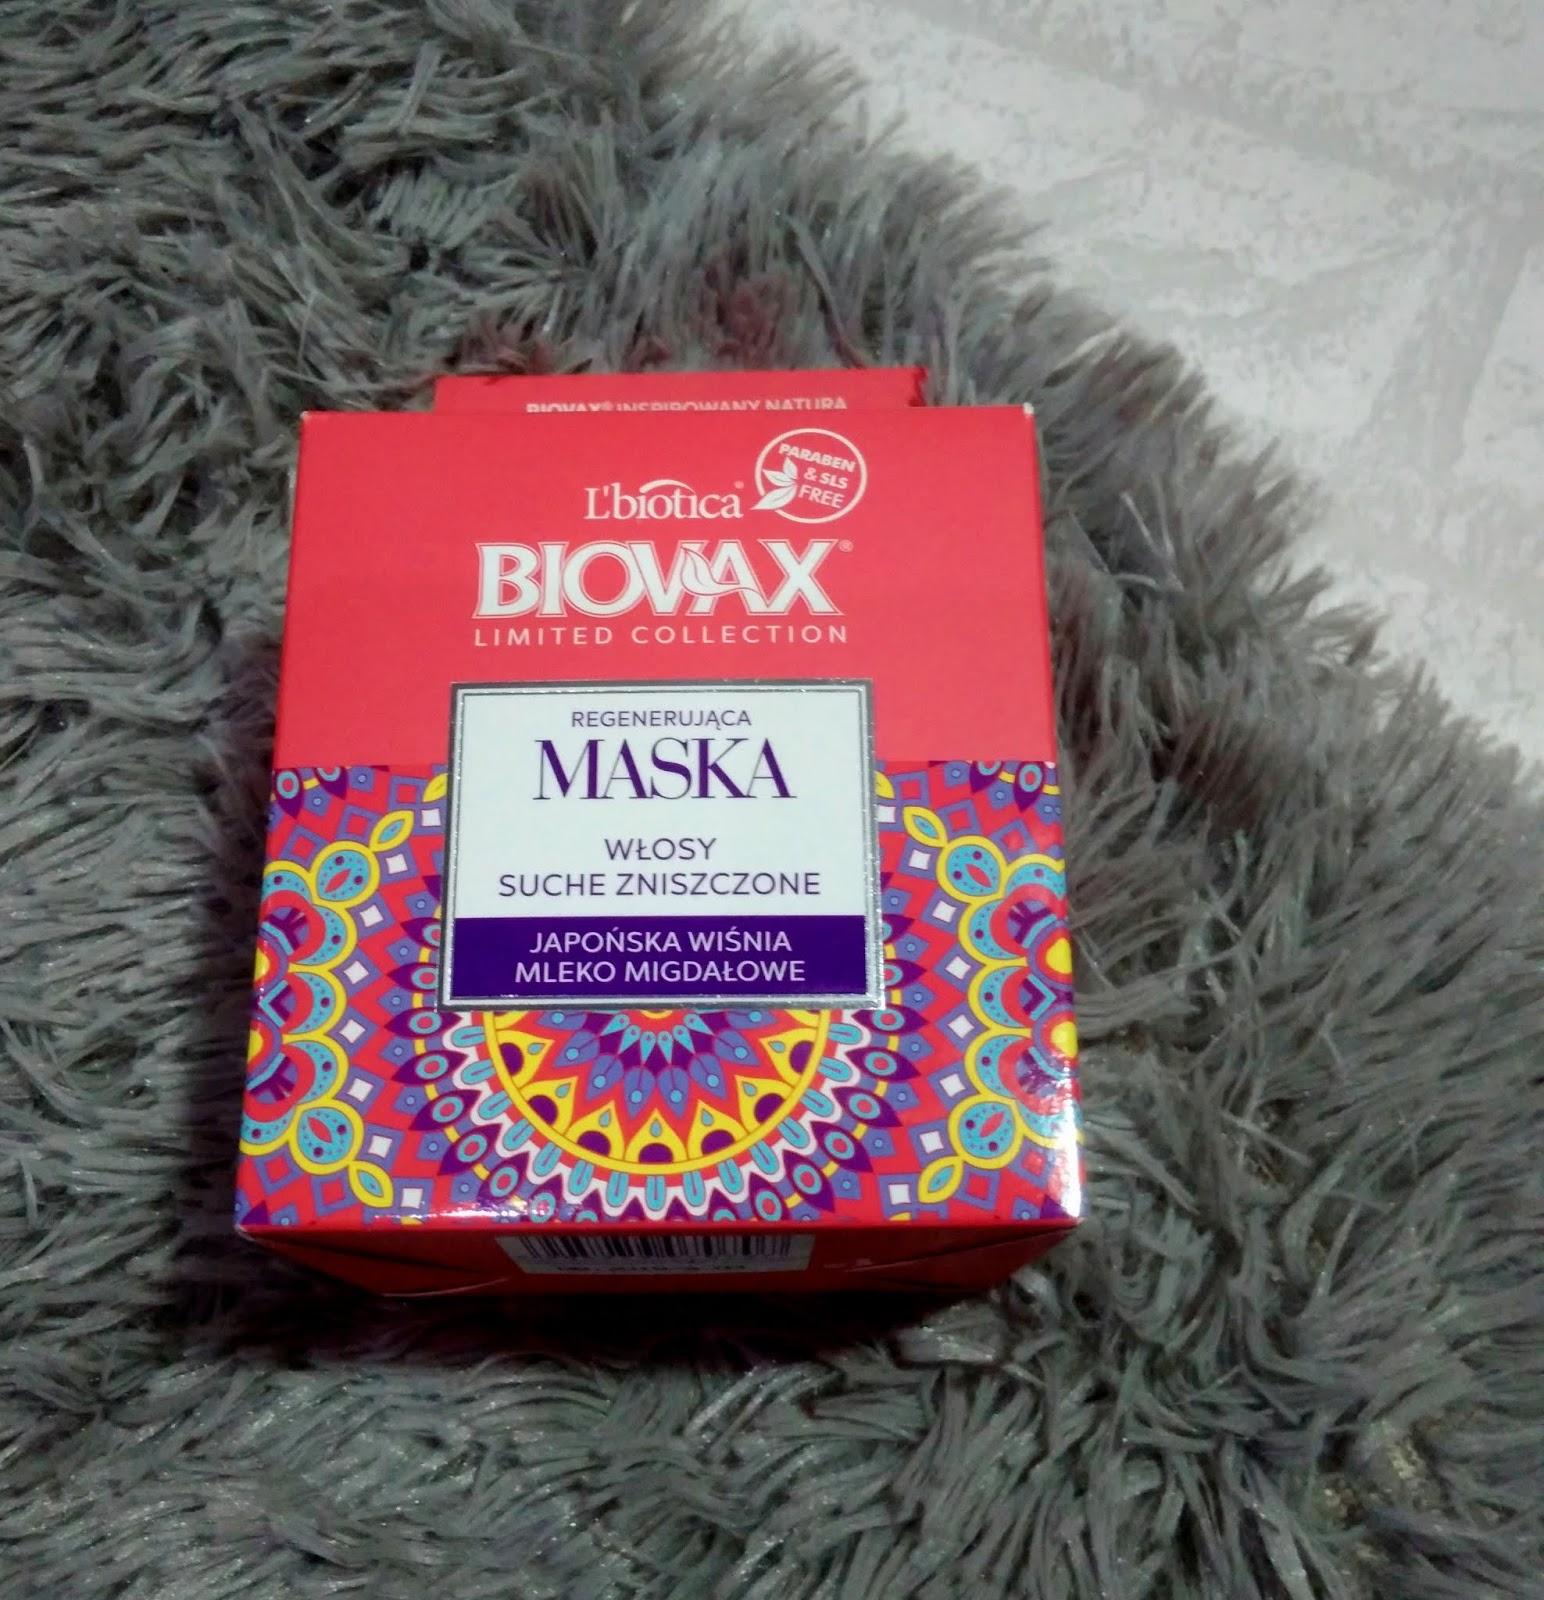 L'biotica Biovax - maska regenerująca Japońska wiśnia & mleko migdałowe